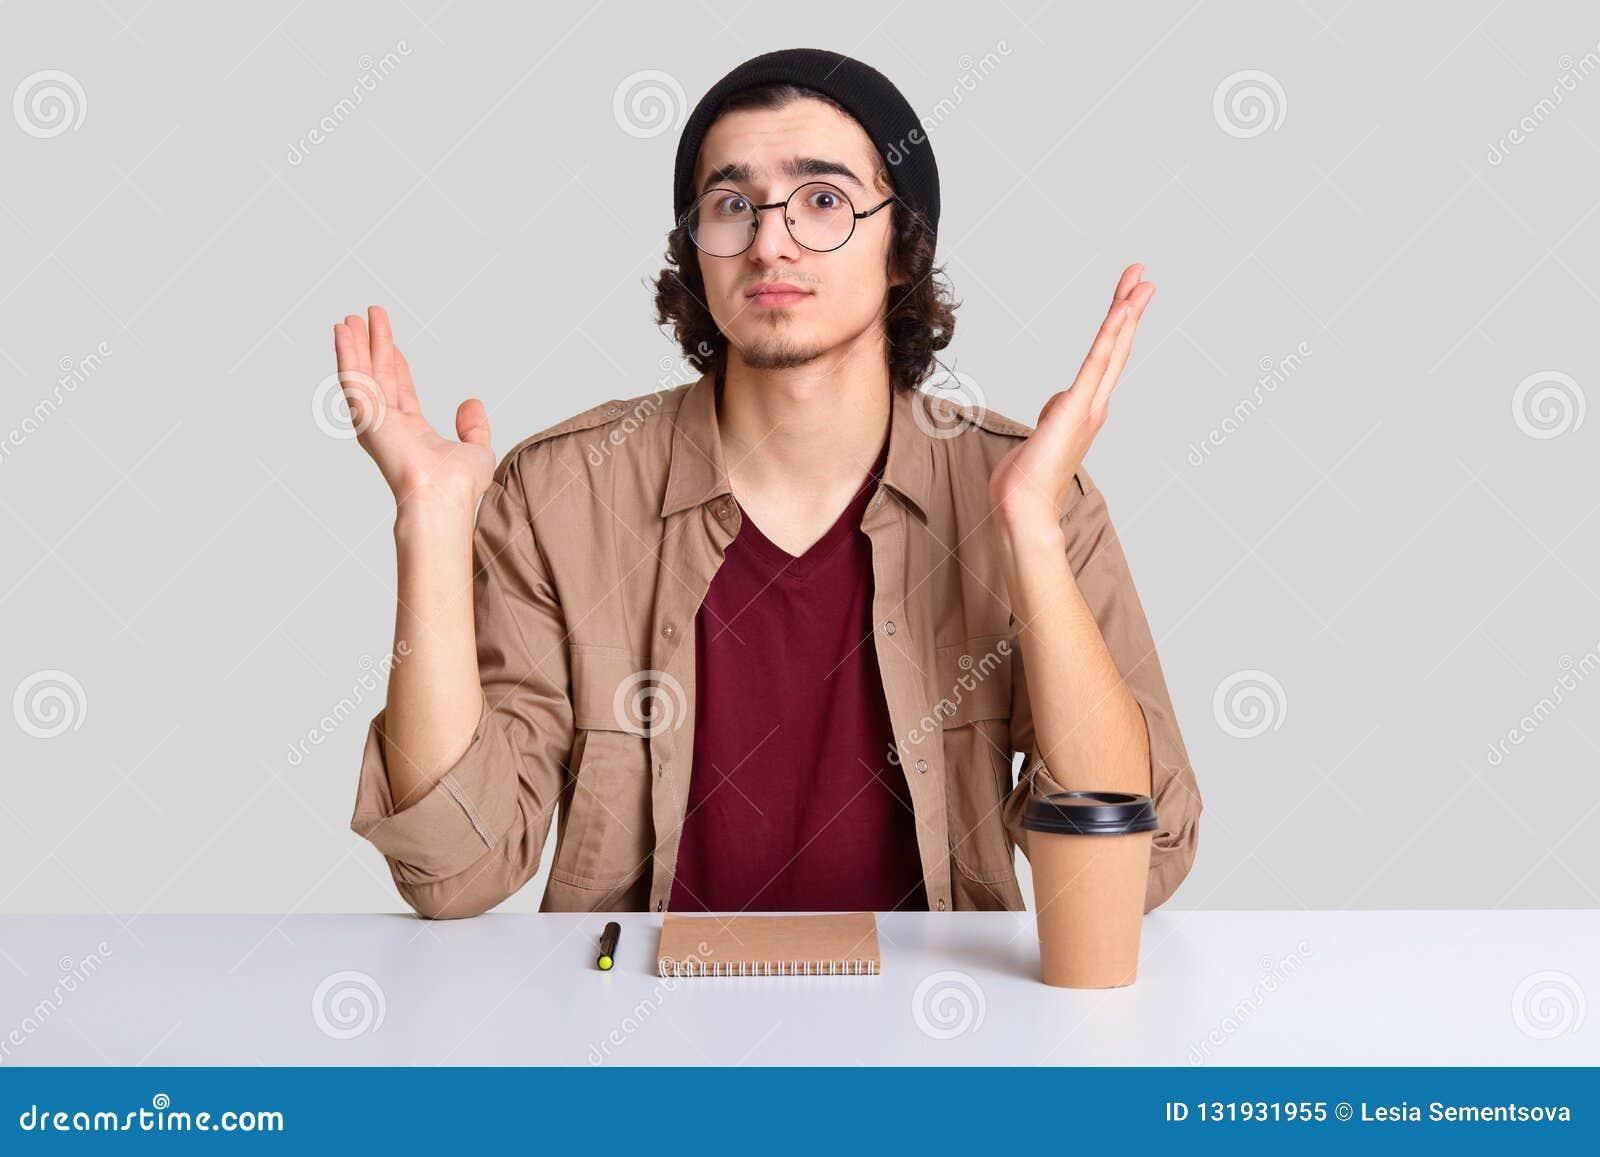 O jovem hesitante à nora espalhou as palmas com apatia, olhares com perplexidade, veste vidros óticos redondos, chapéu e a camisa